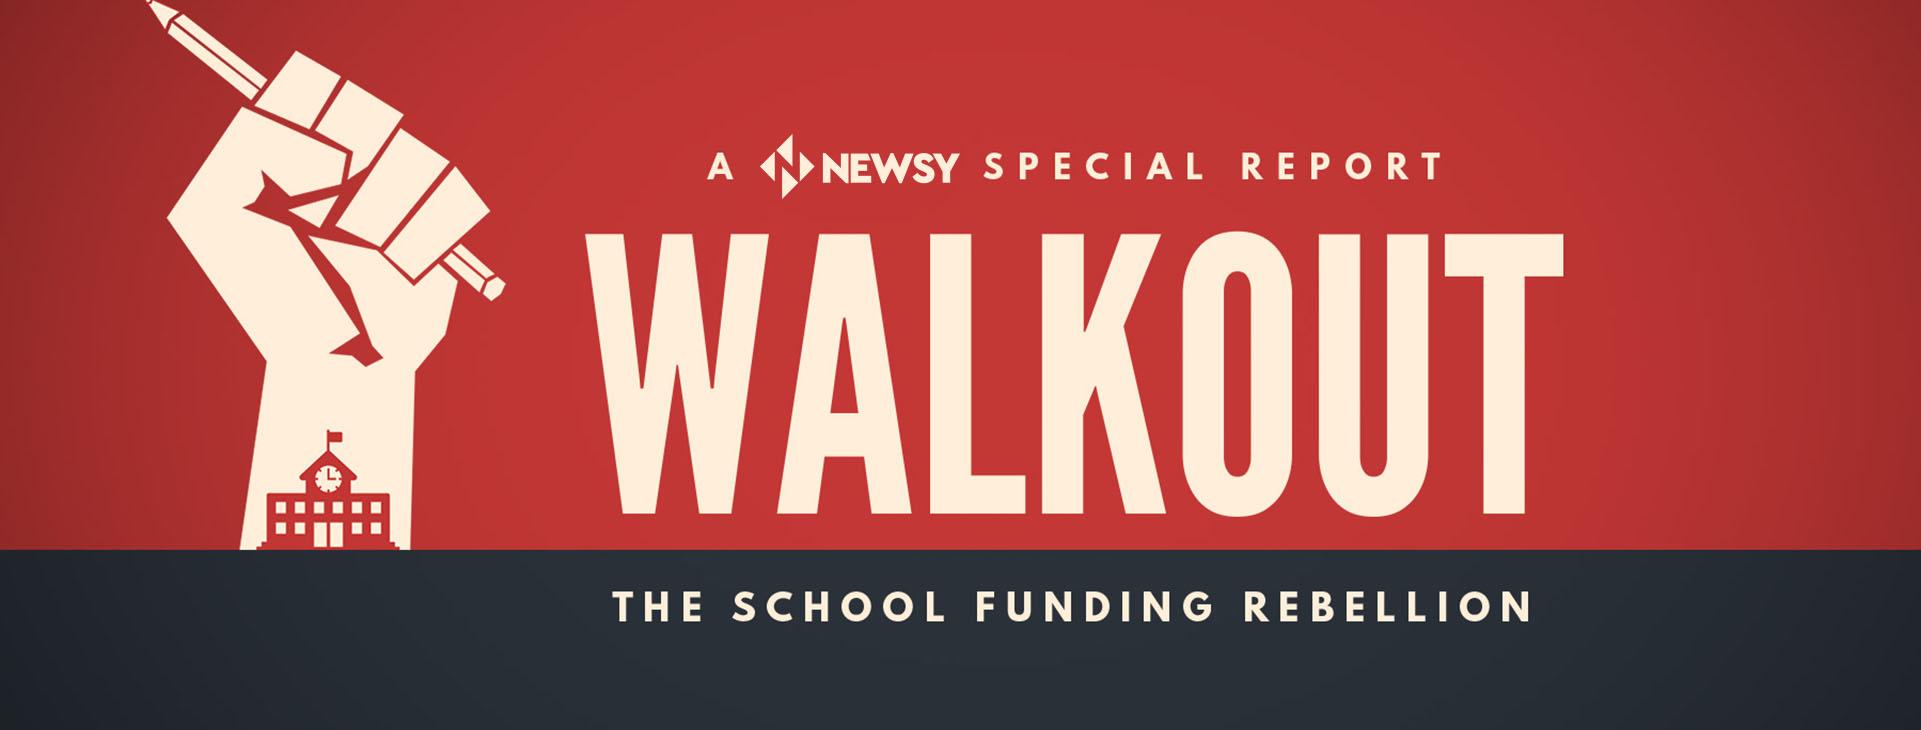 Walkout: The School Funding Rebellion